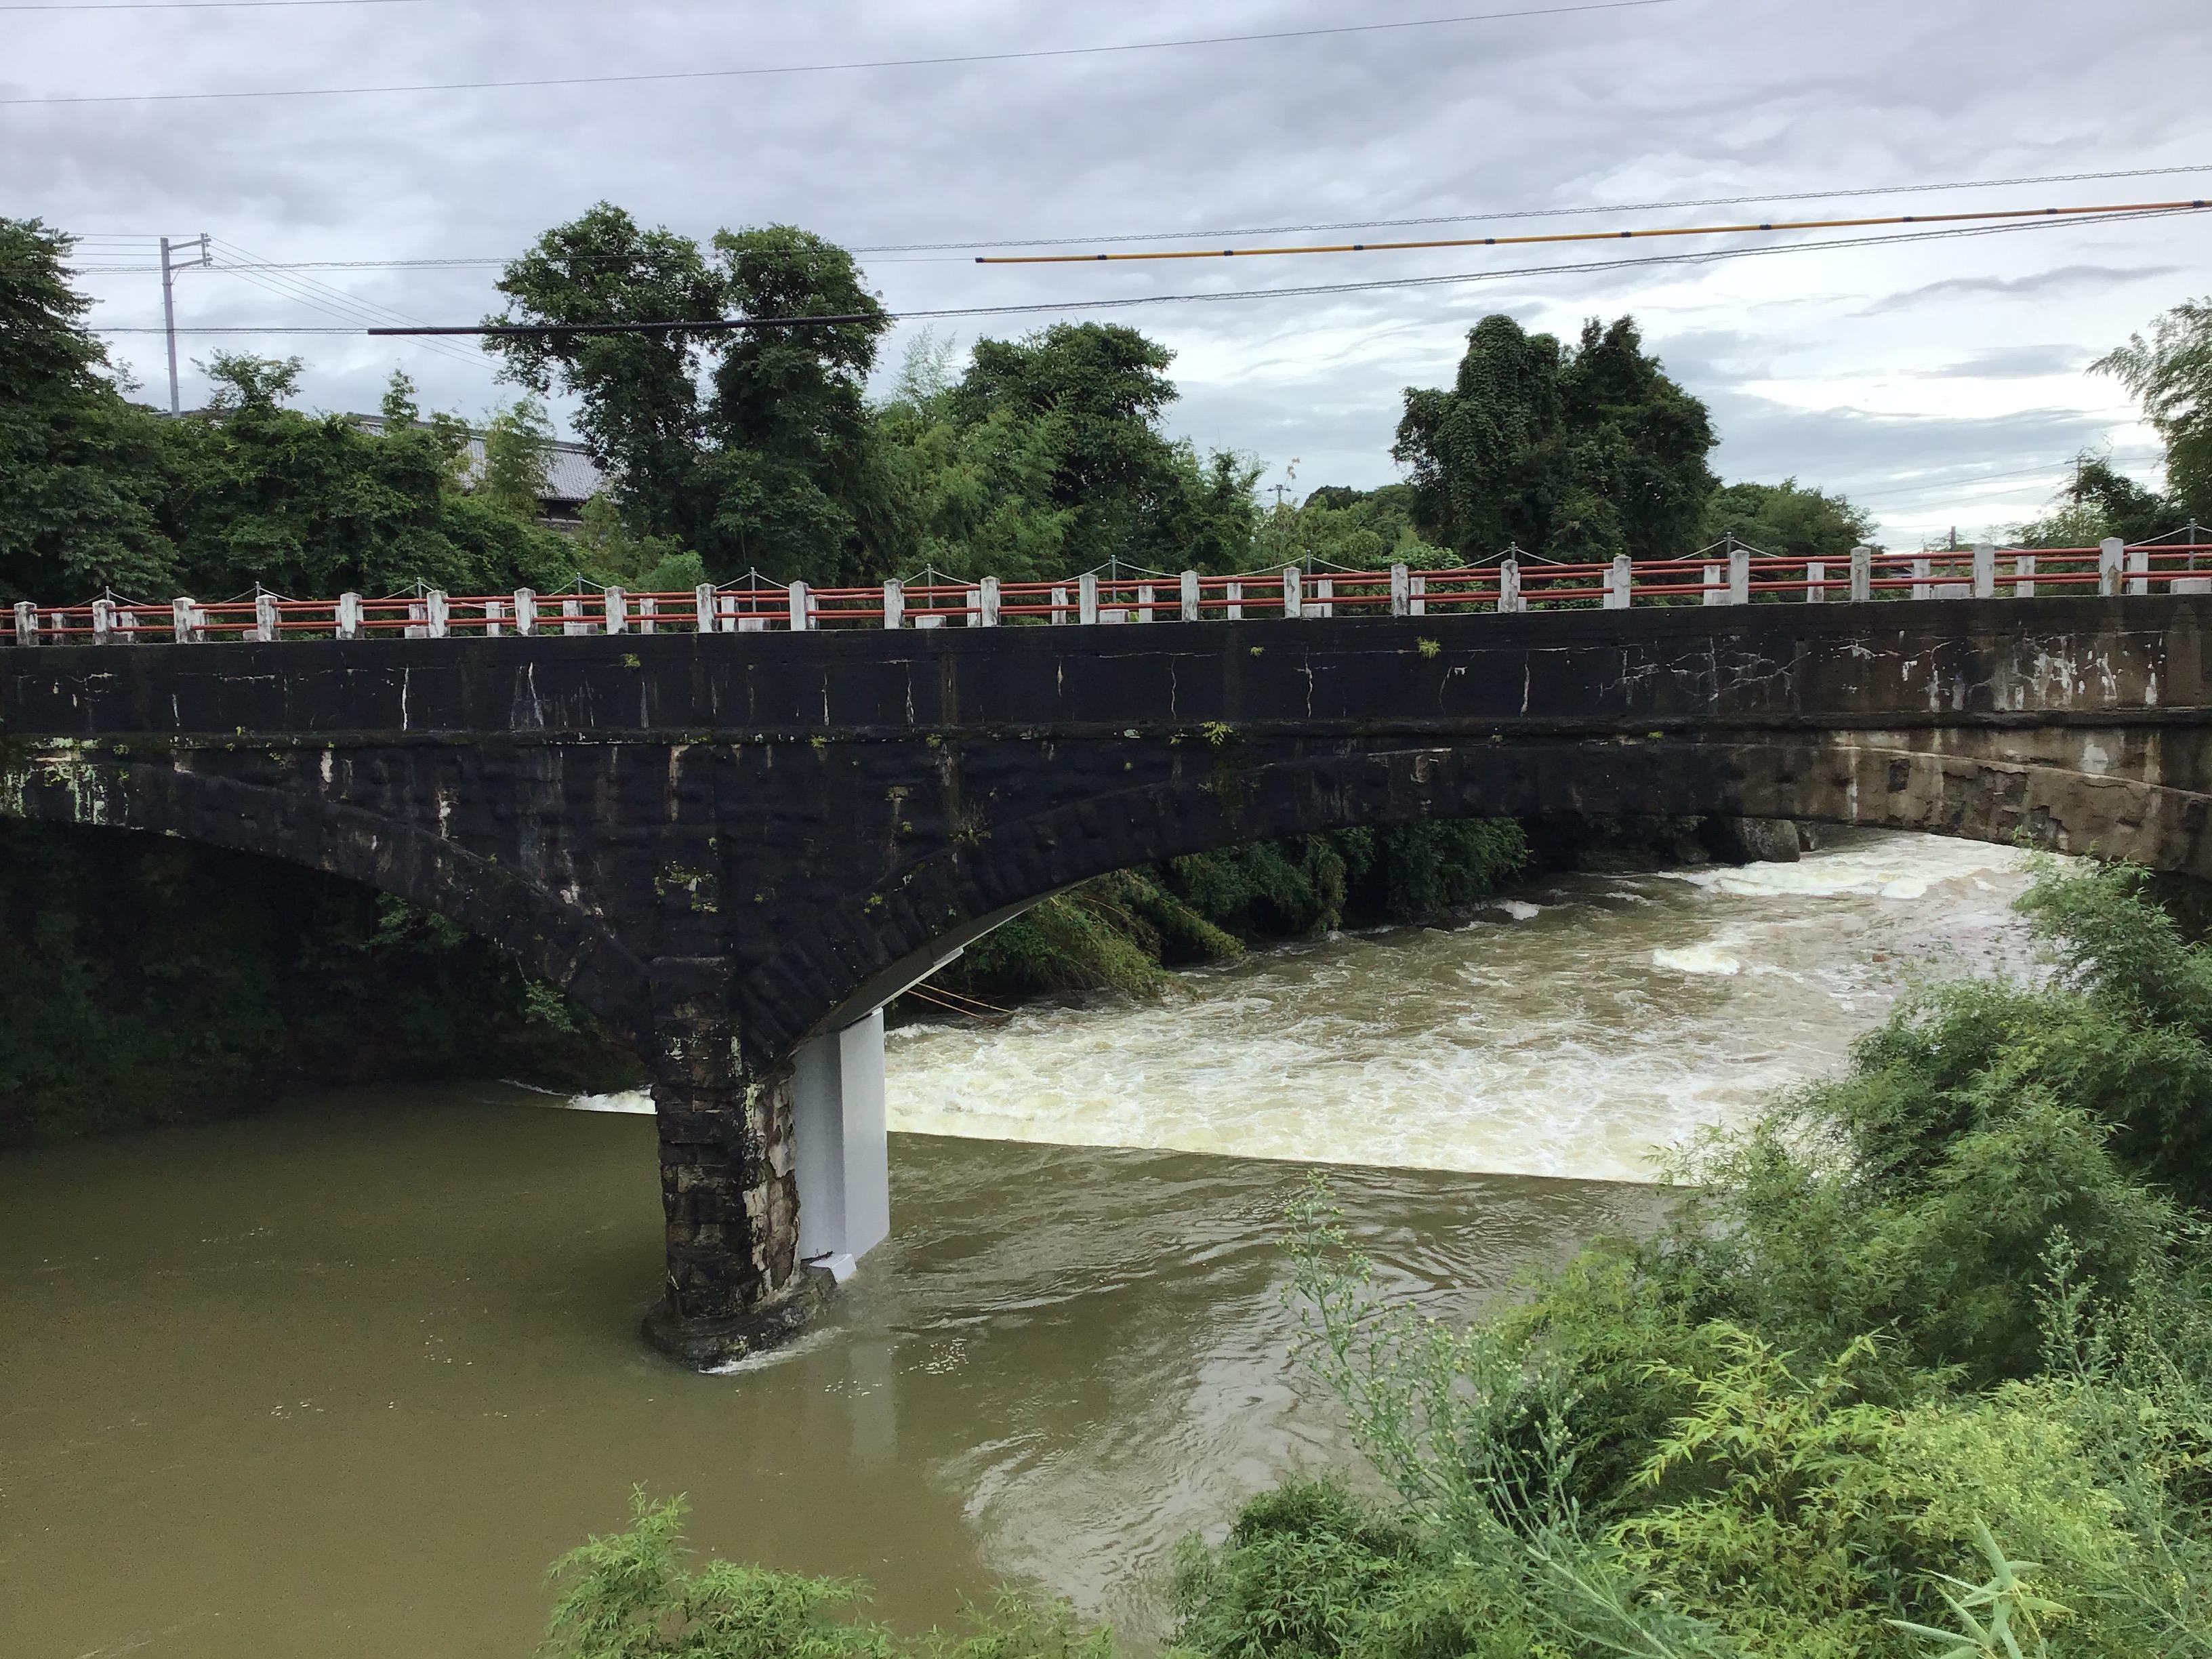 御坂サイフォンの水路橋(サテライト)。後ろに白っぽい橋脚が見えますが今年6月に耐震工事が完成した新しい橋脚です。晴れた日に水面と合わせて眼鏡橋と呼ばれています。この日は大雨で濁流が。下流側の沈下橋も埋没寸前。